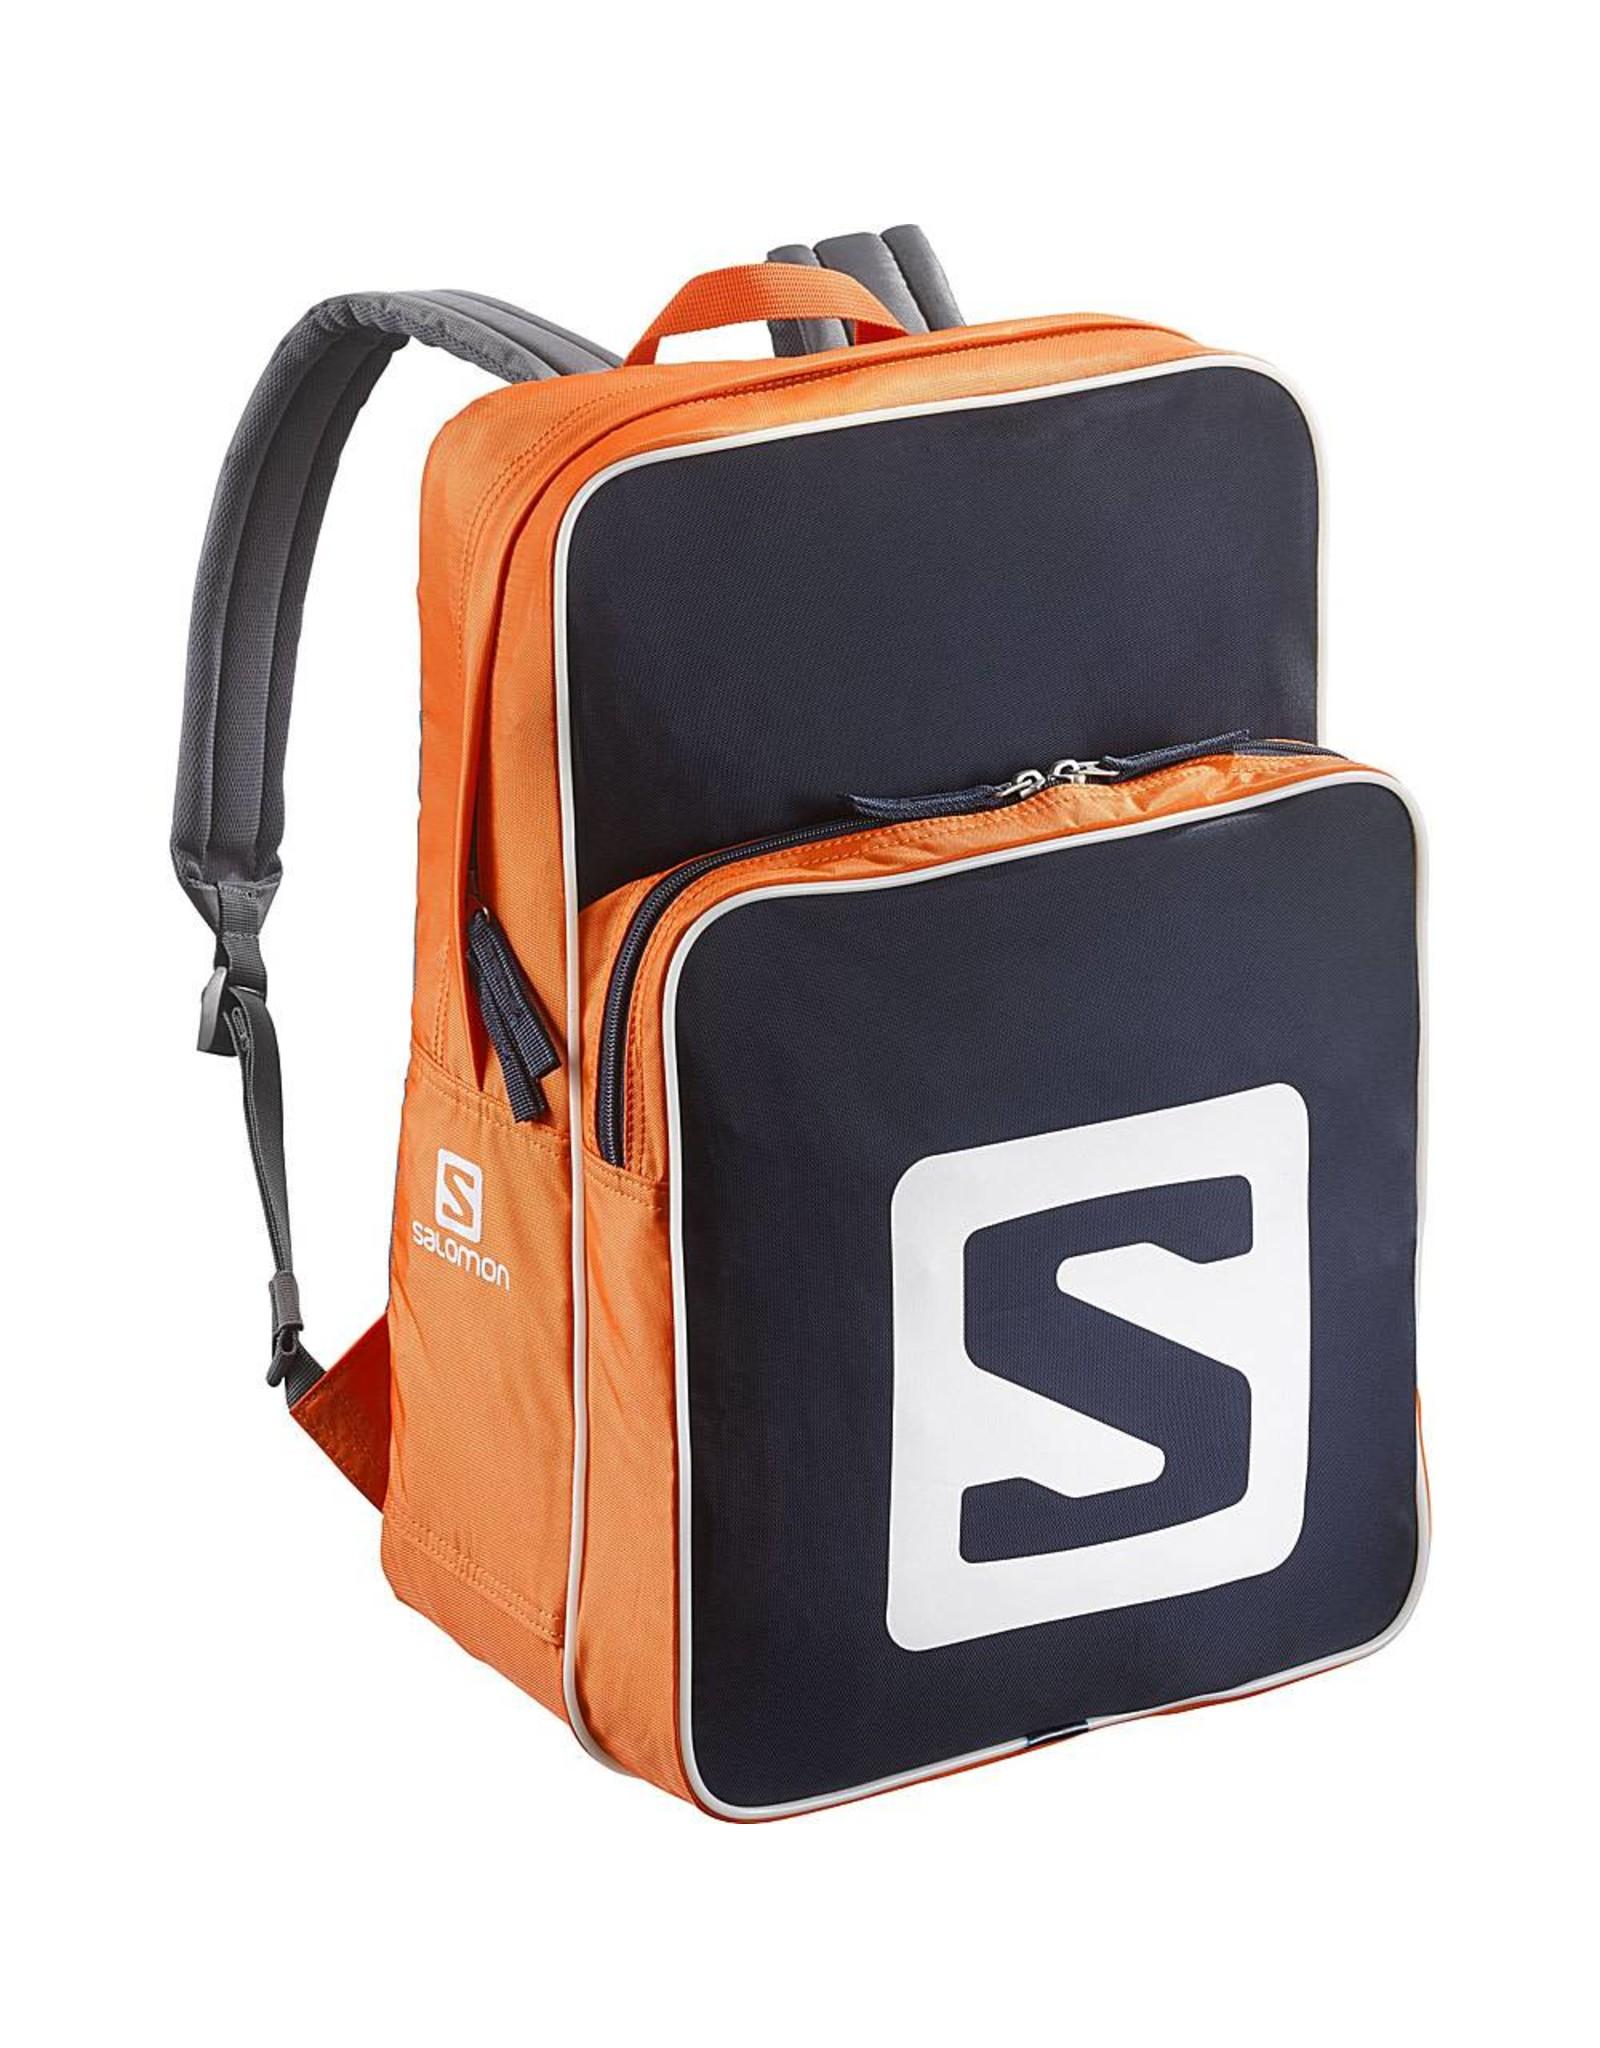 Salomon Salomon Square Bag F15